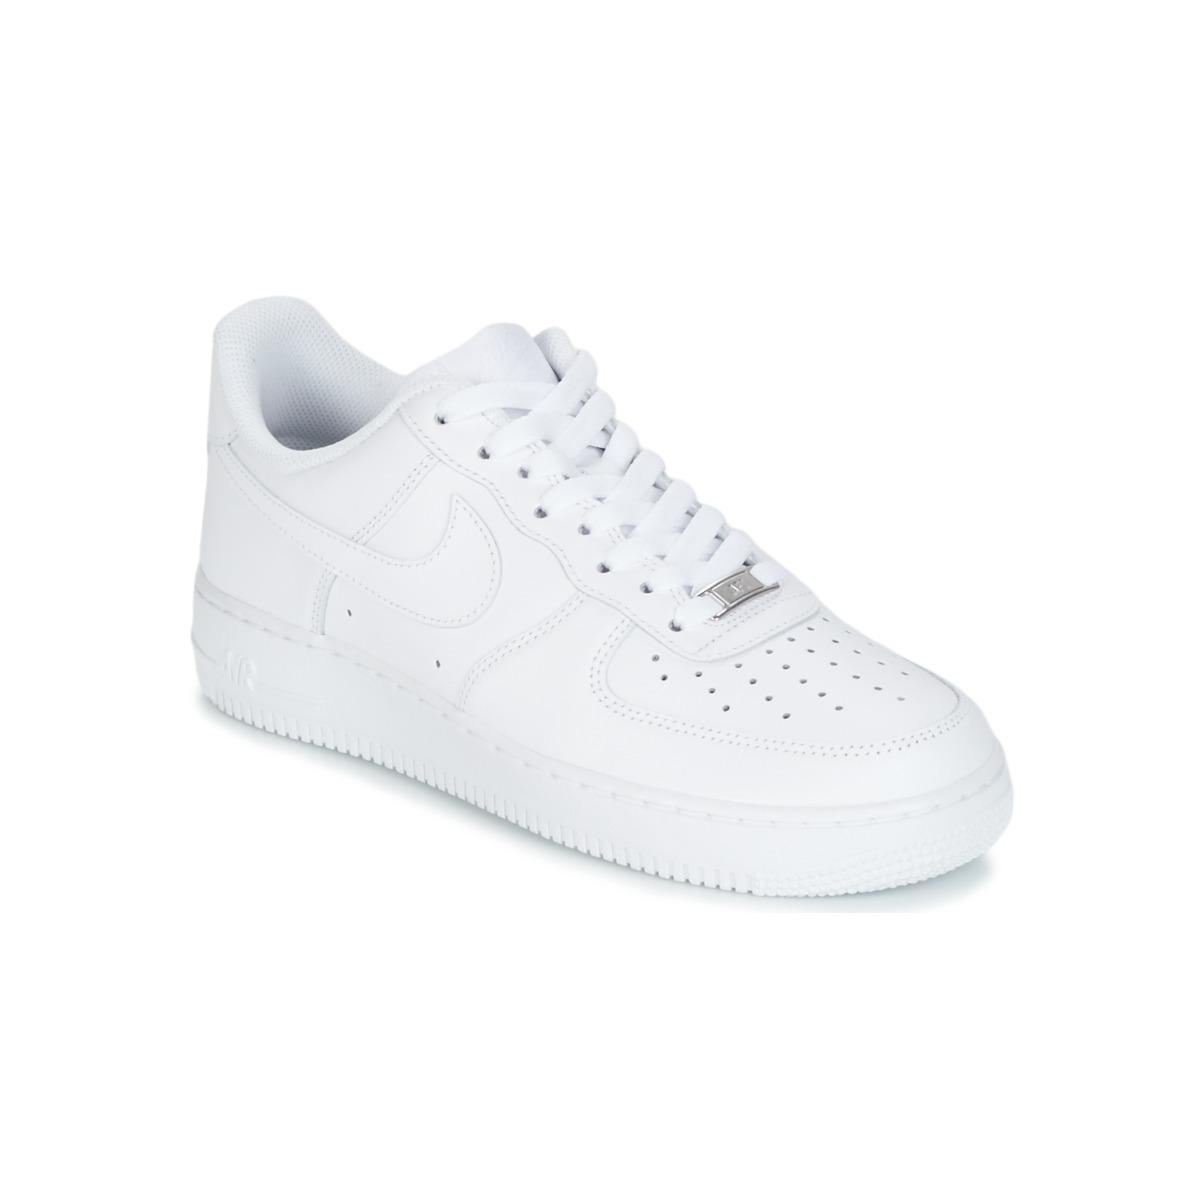 Envío Force es 1 Spartoo Blanco Air Nike 07 Con Gratis Zapatos XSPATq